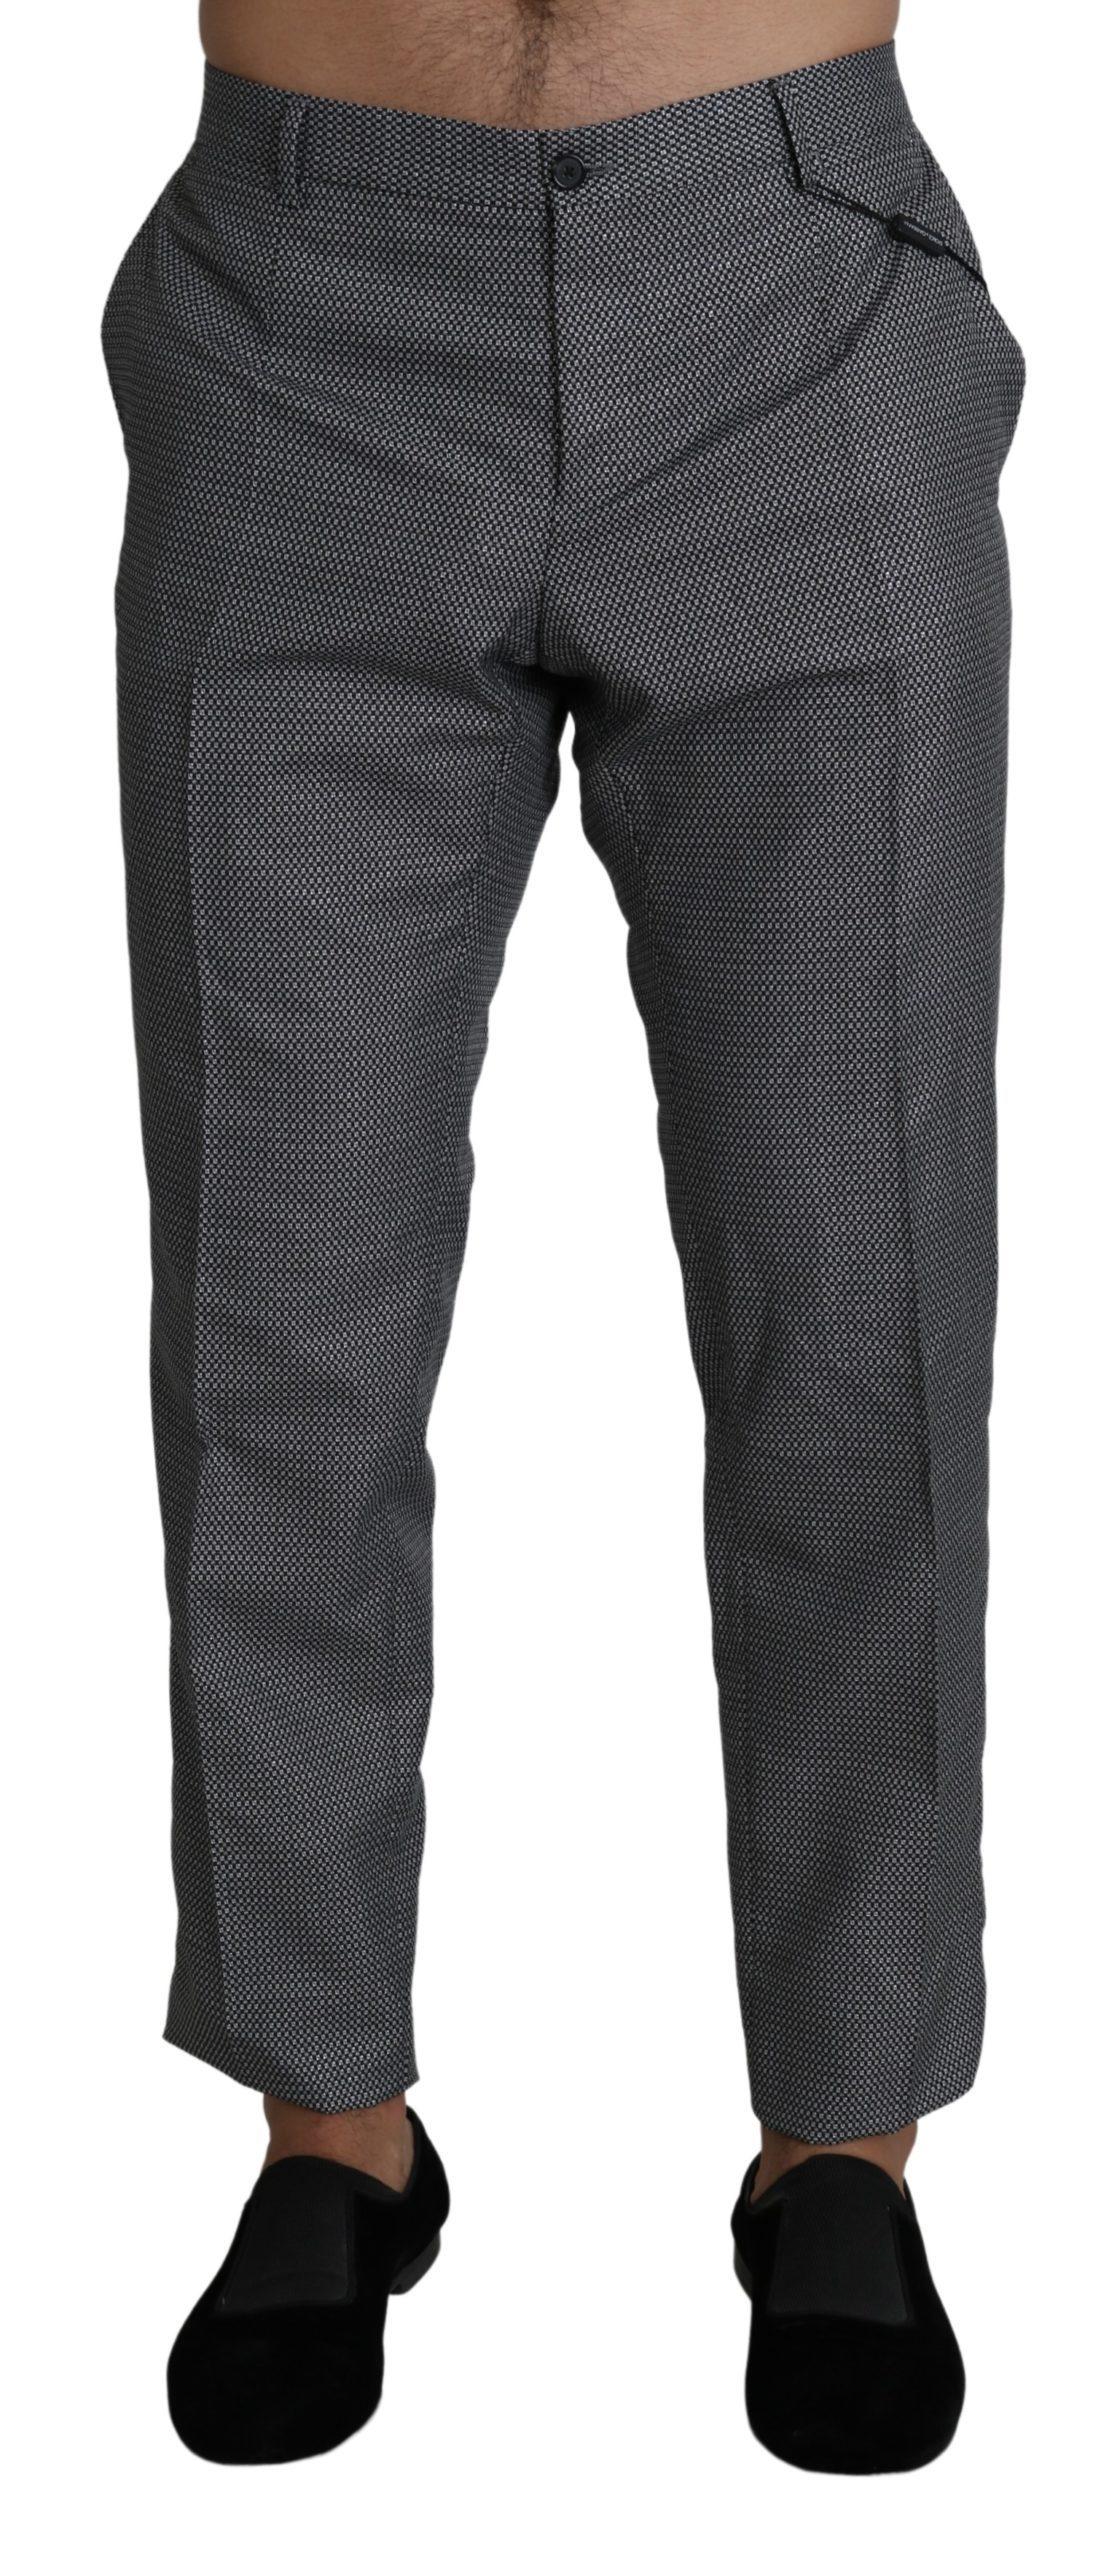 Dolce & Gabbana Men's Formal Dress Slim Fit Trouser Gray PAN71399 - IT54 | XL